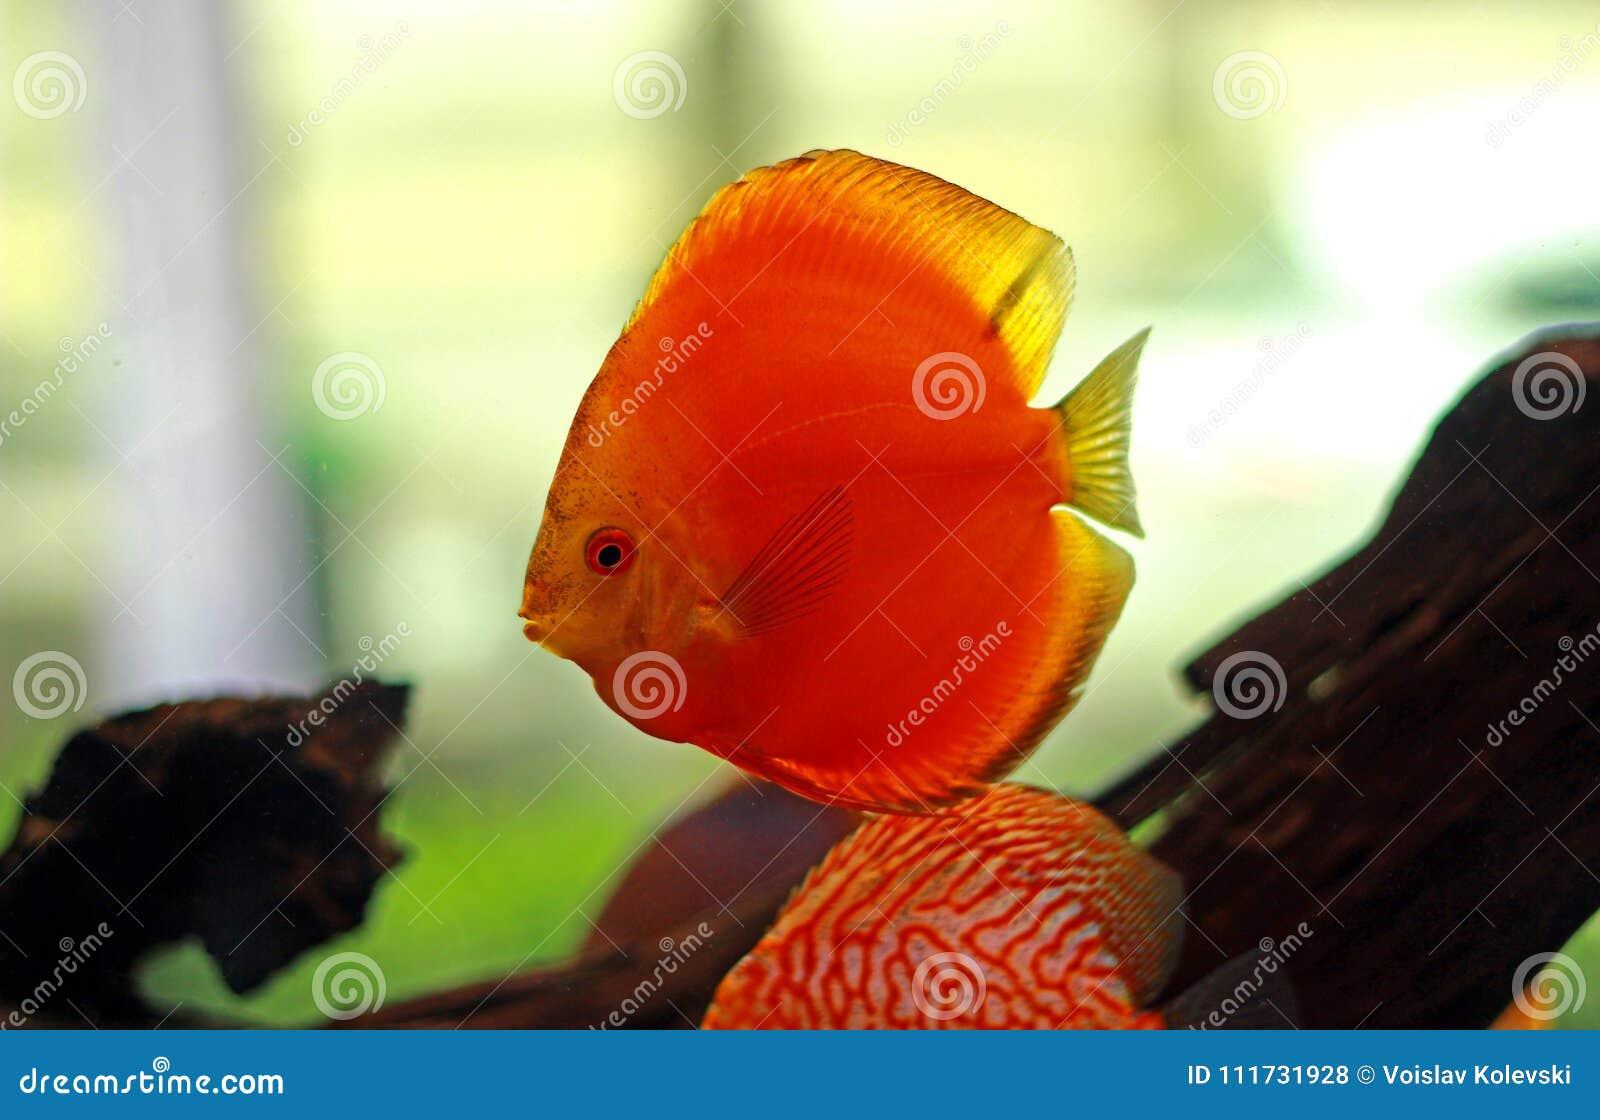 Discus Fish In Freshwater Aquarium Stock Photo - Image of elegant ...